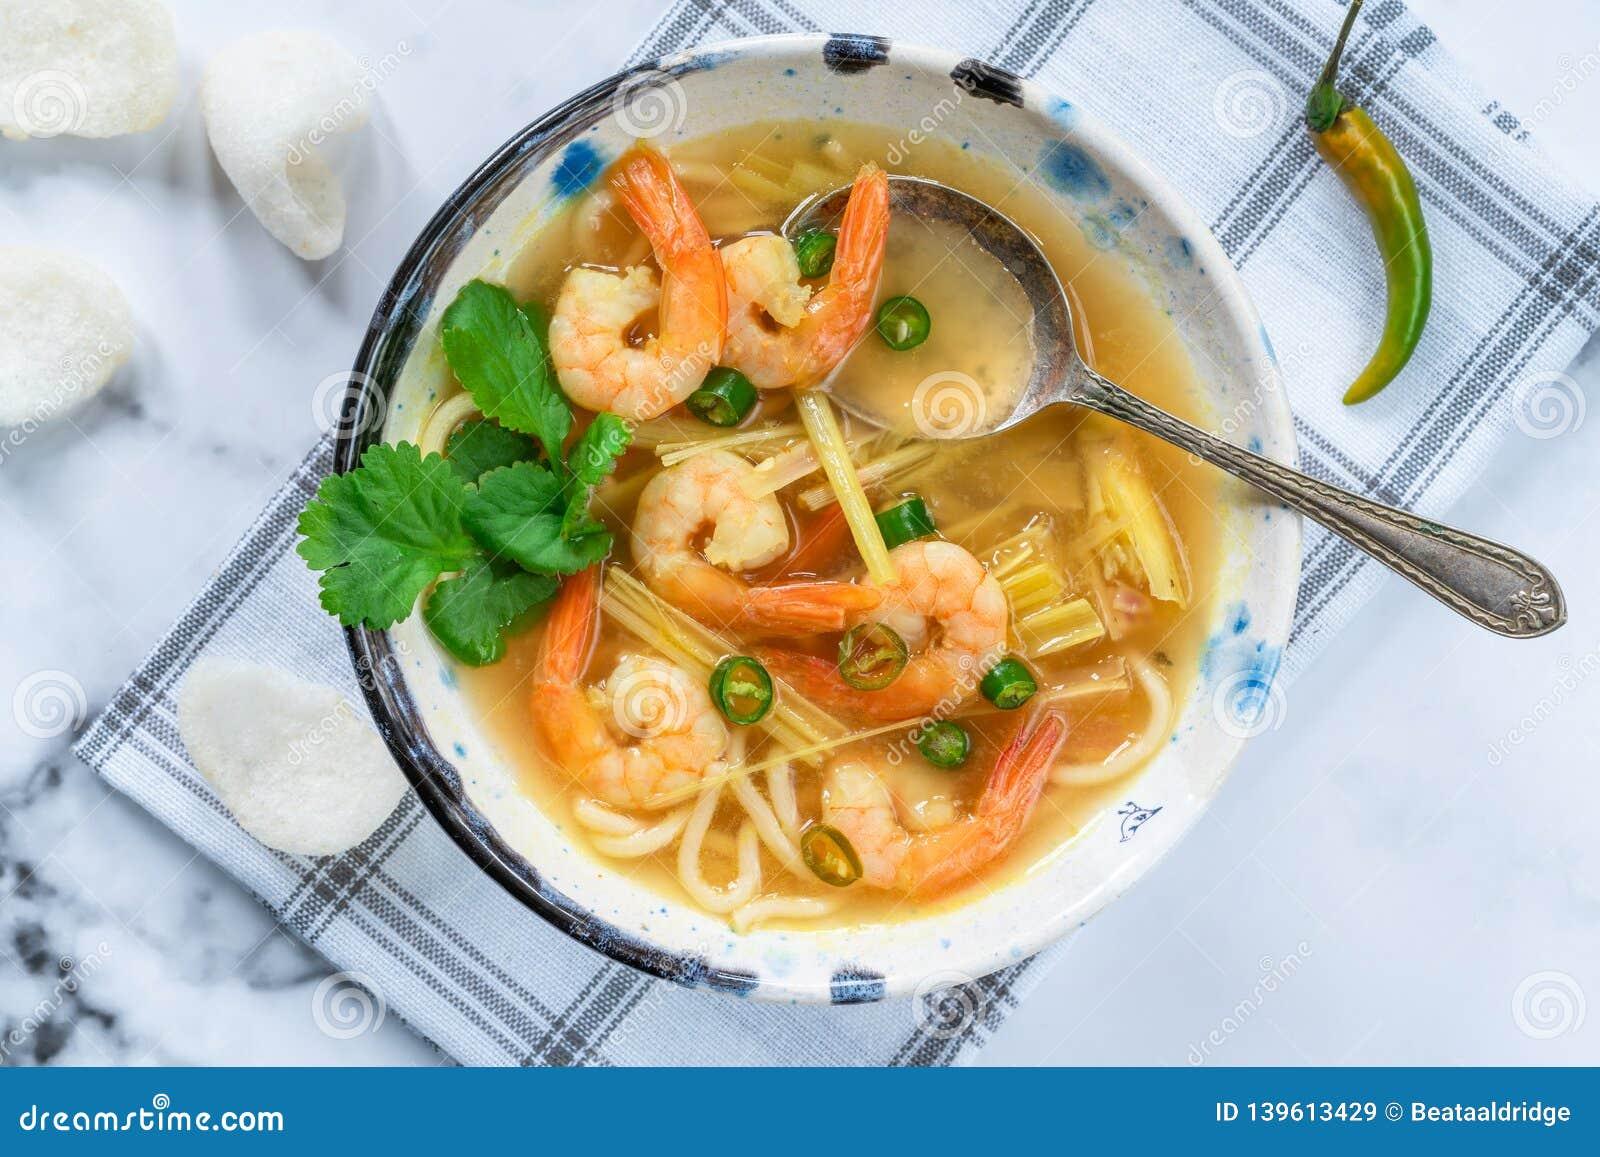 Heiße und saure Suppe Toms yum - mit Garnelen